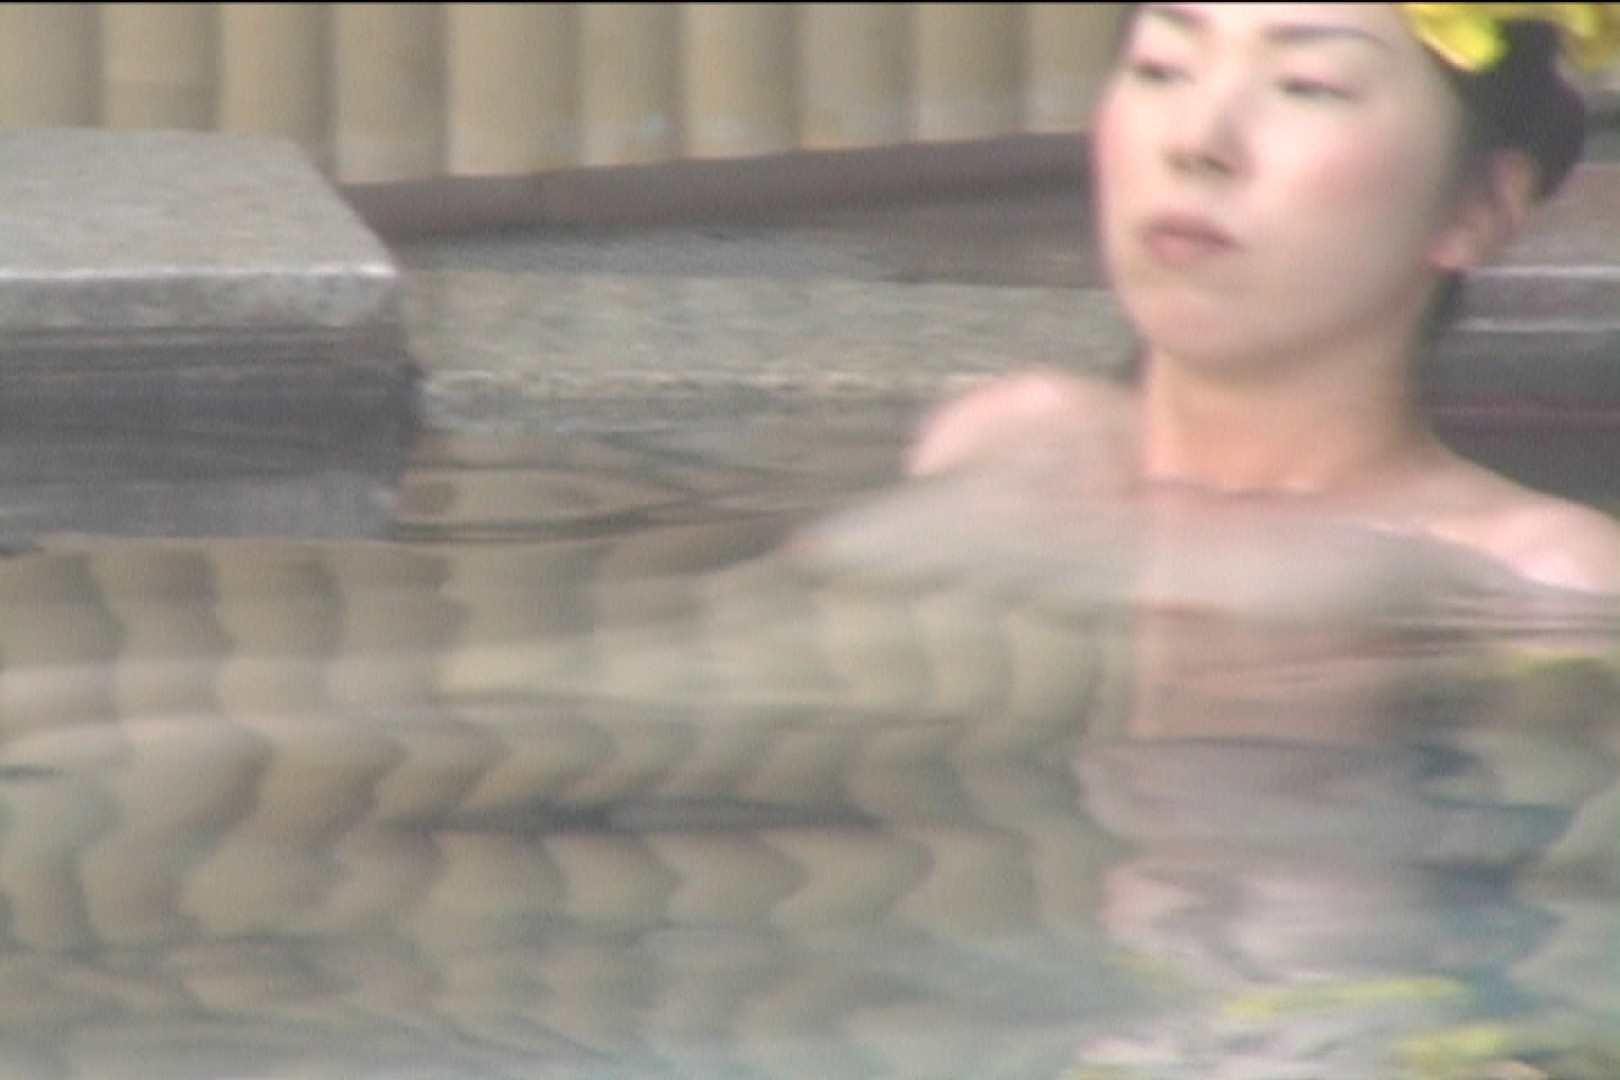 Aquaな露天風呂Vol.529 盗撮師作品 おめこ無修正画像 104pic 23